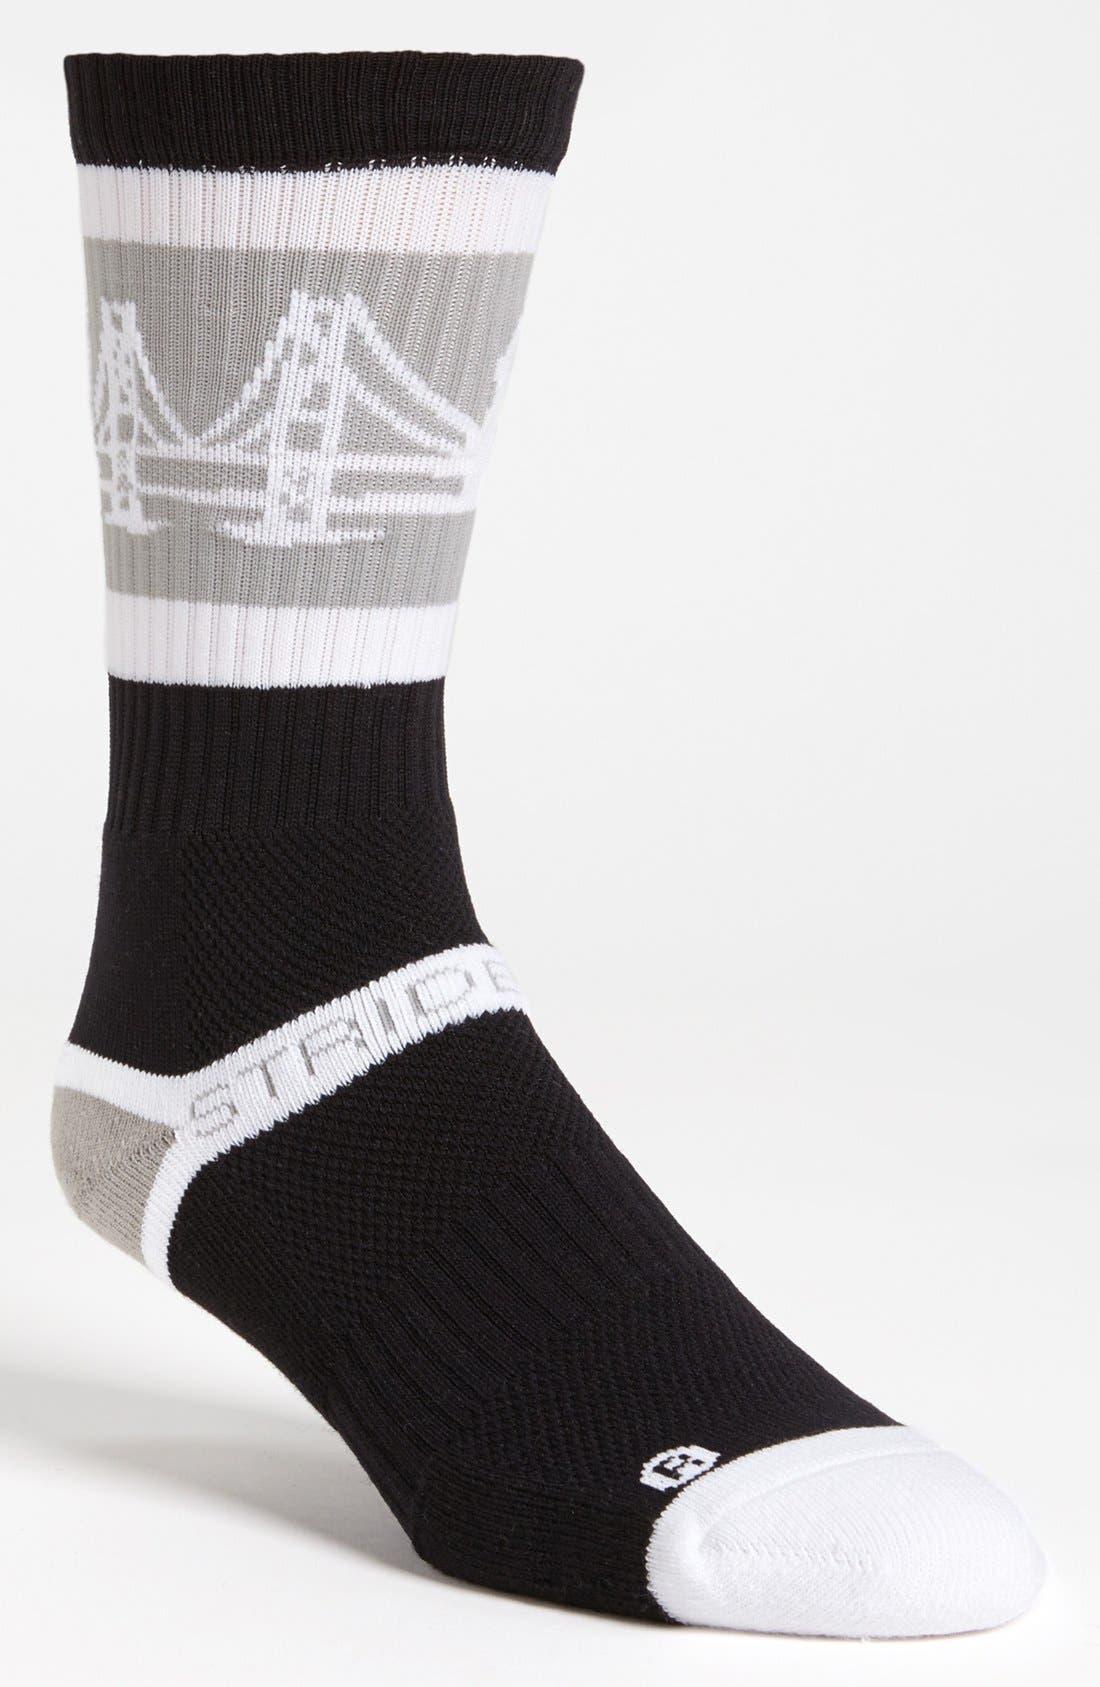 Main Image - STRIDELINE 'The Bay' Socks